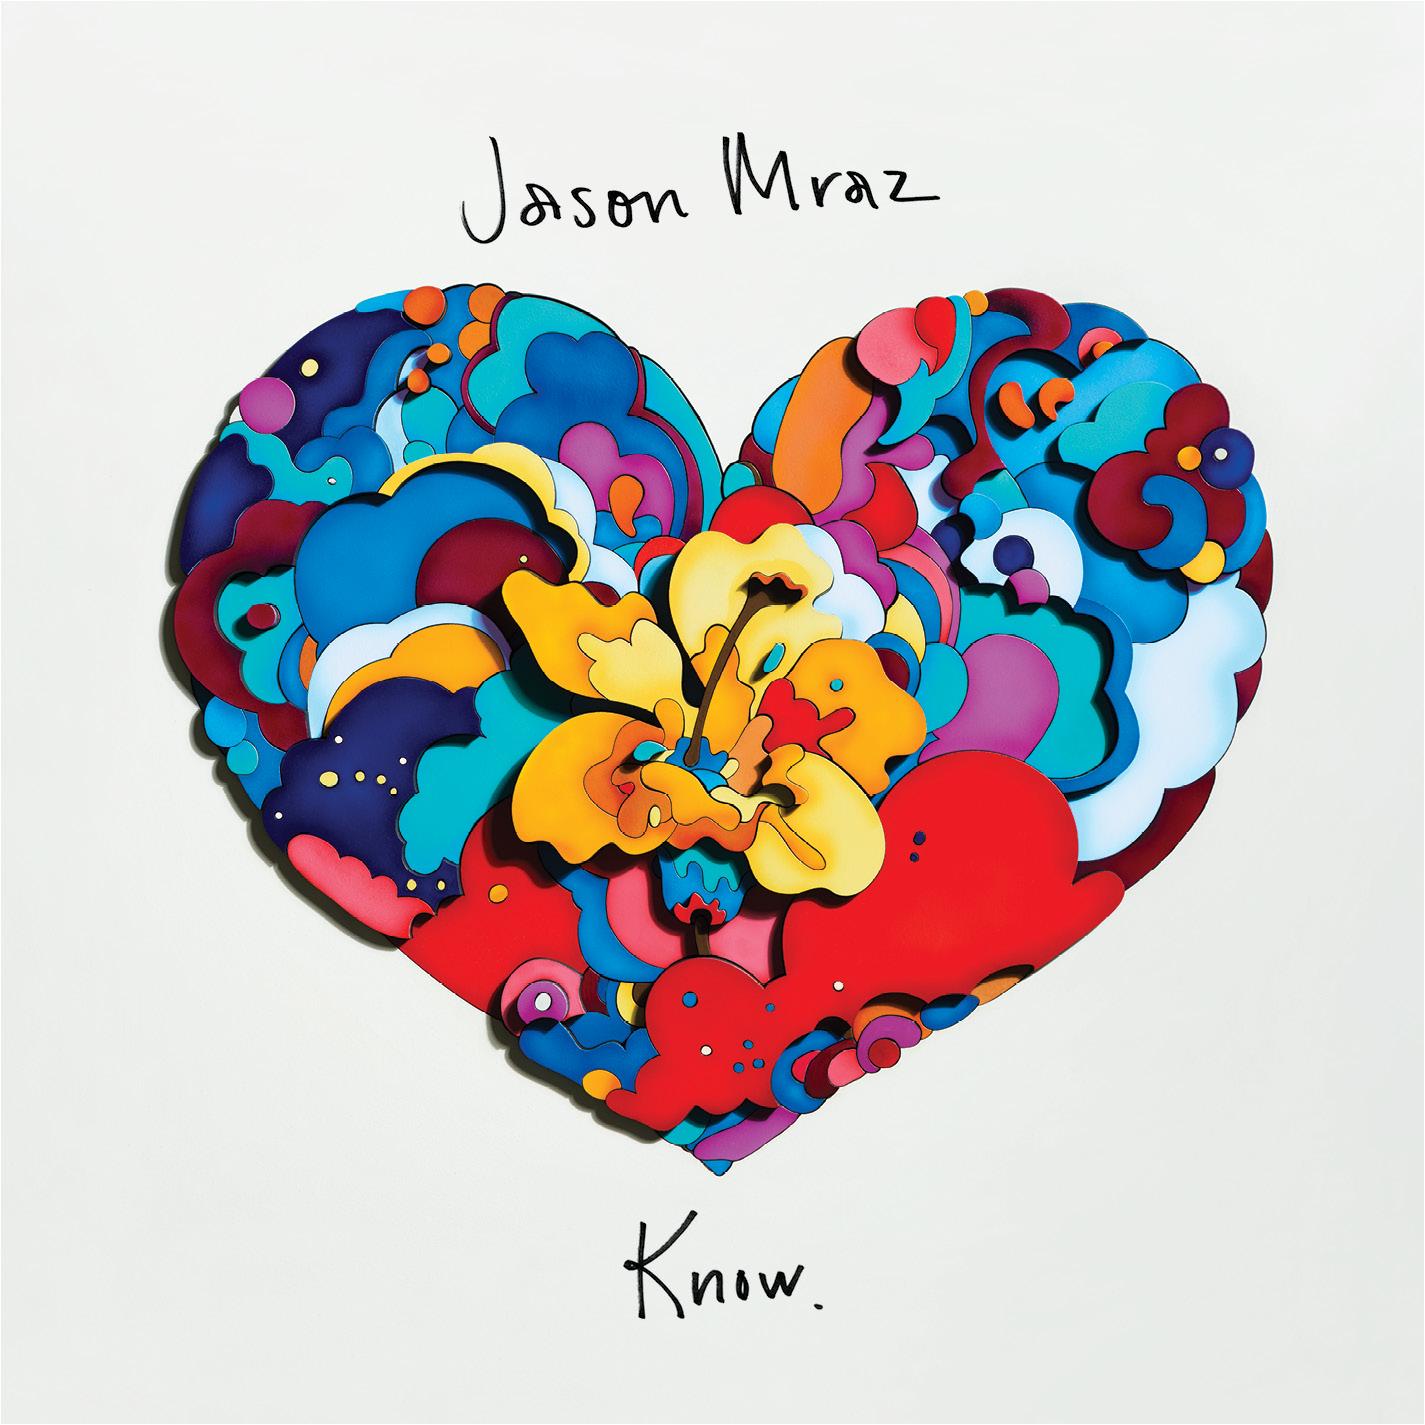 Jason Mraz's new album